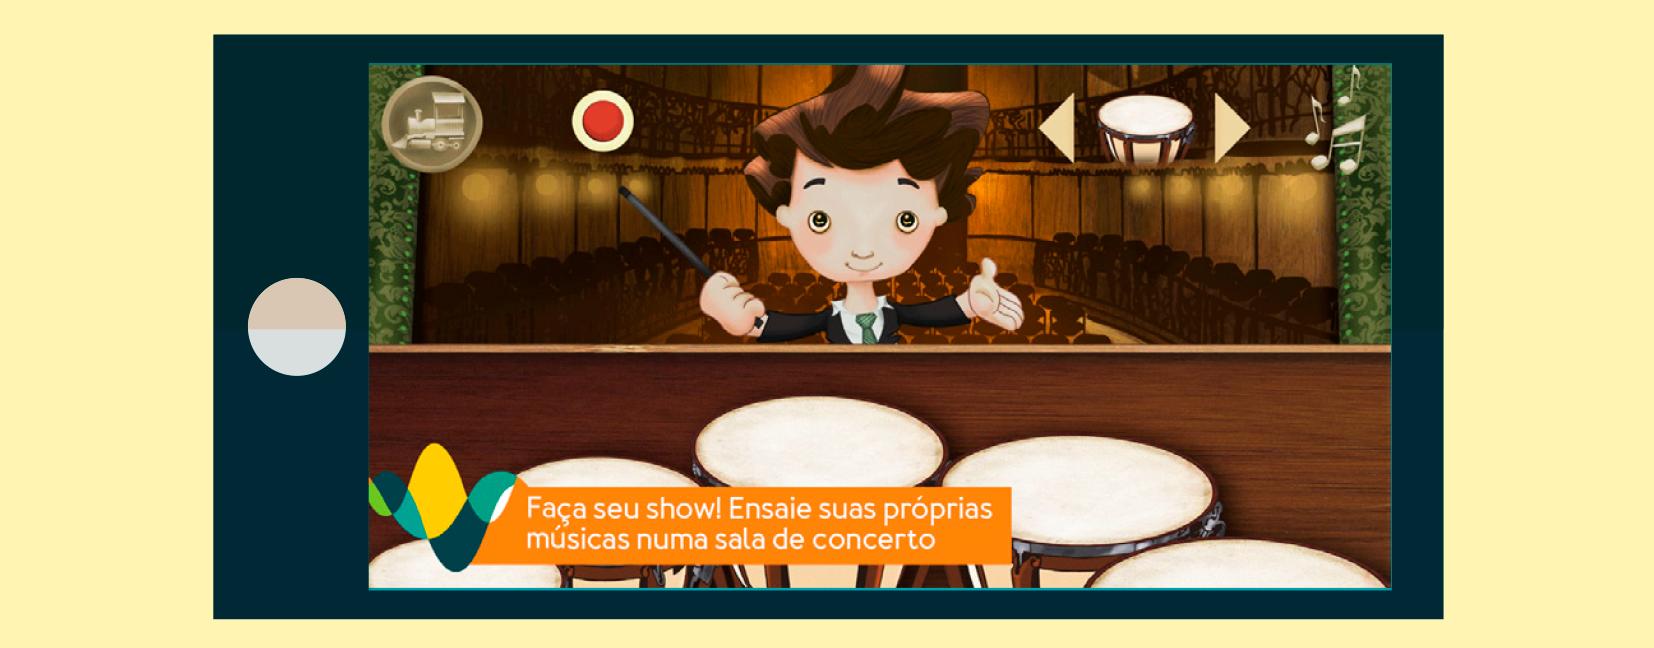 Imagem do aplicativo Tuhu Musical no jogo Concerto, onde o objetivo é apresentar alguns instrumentos e a relação harmoniosa entre eles.